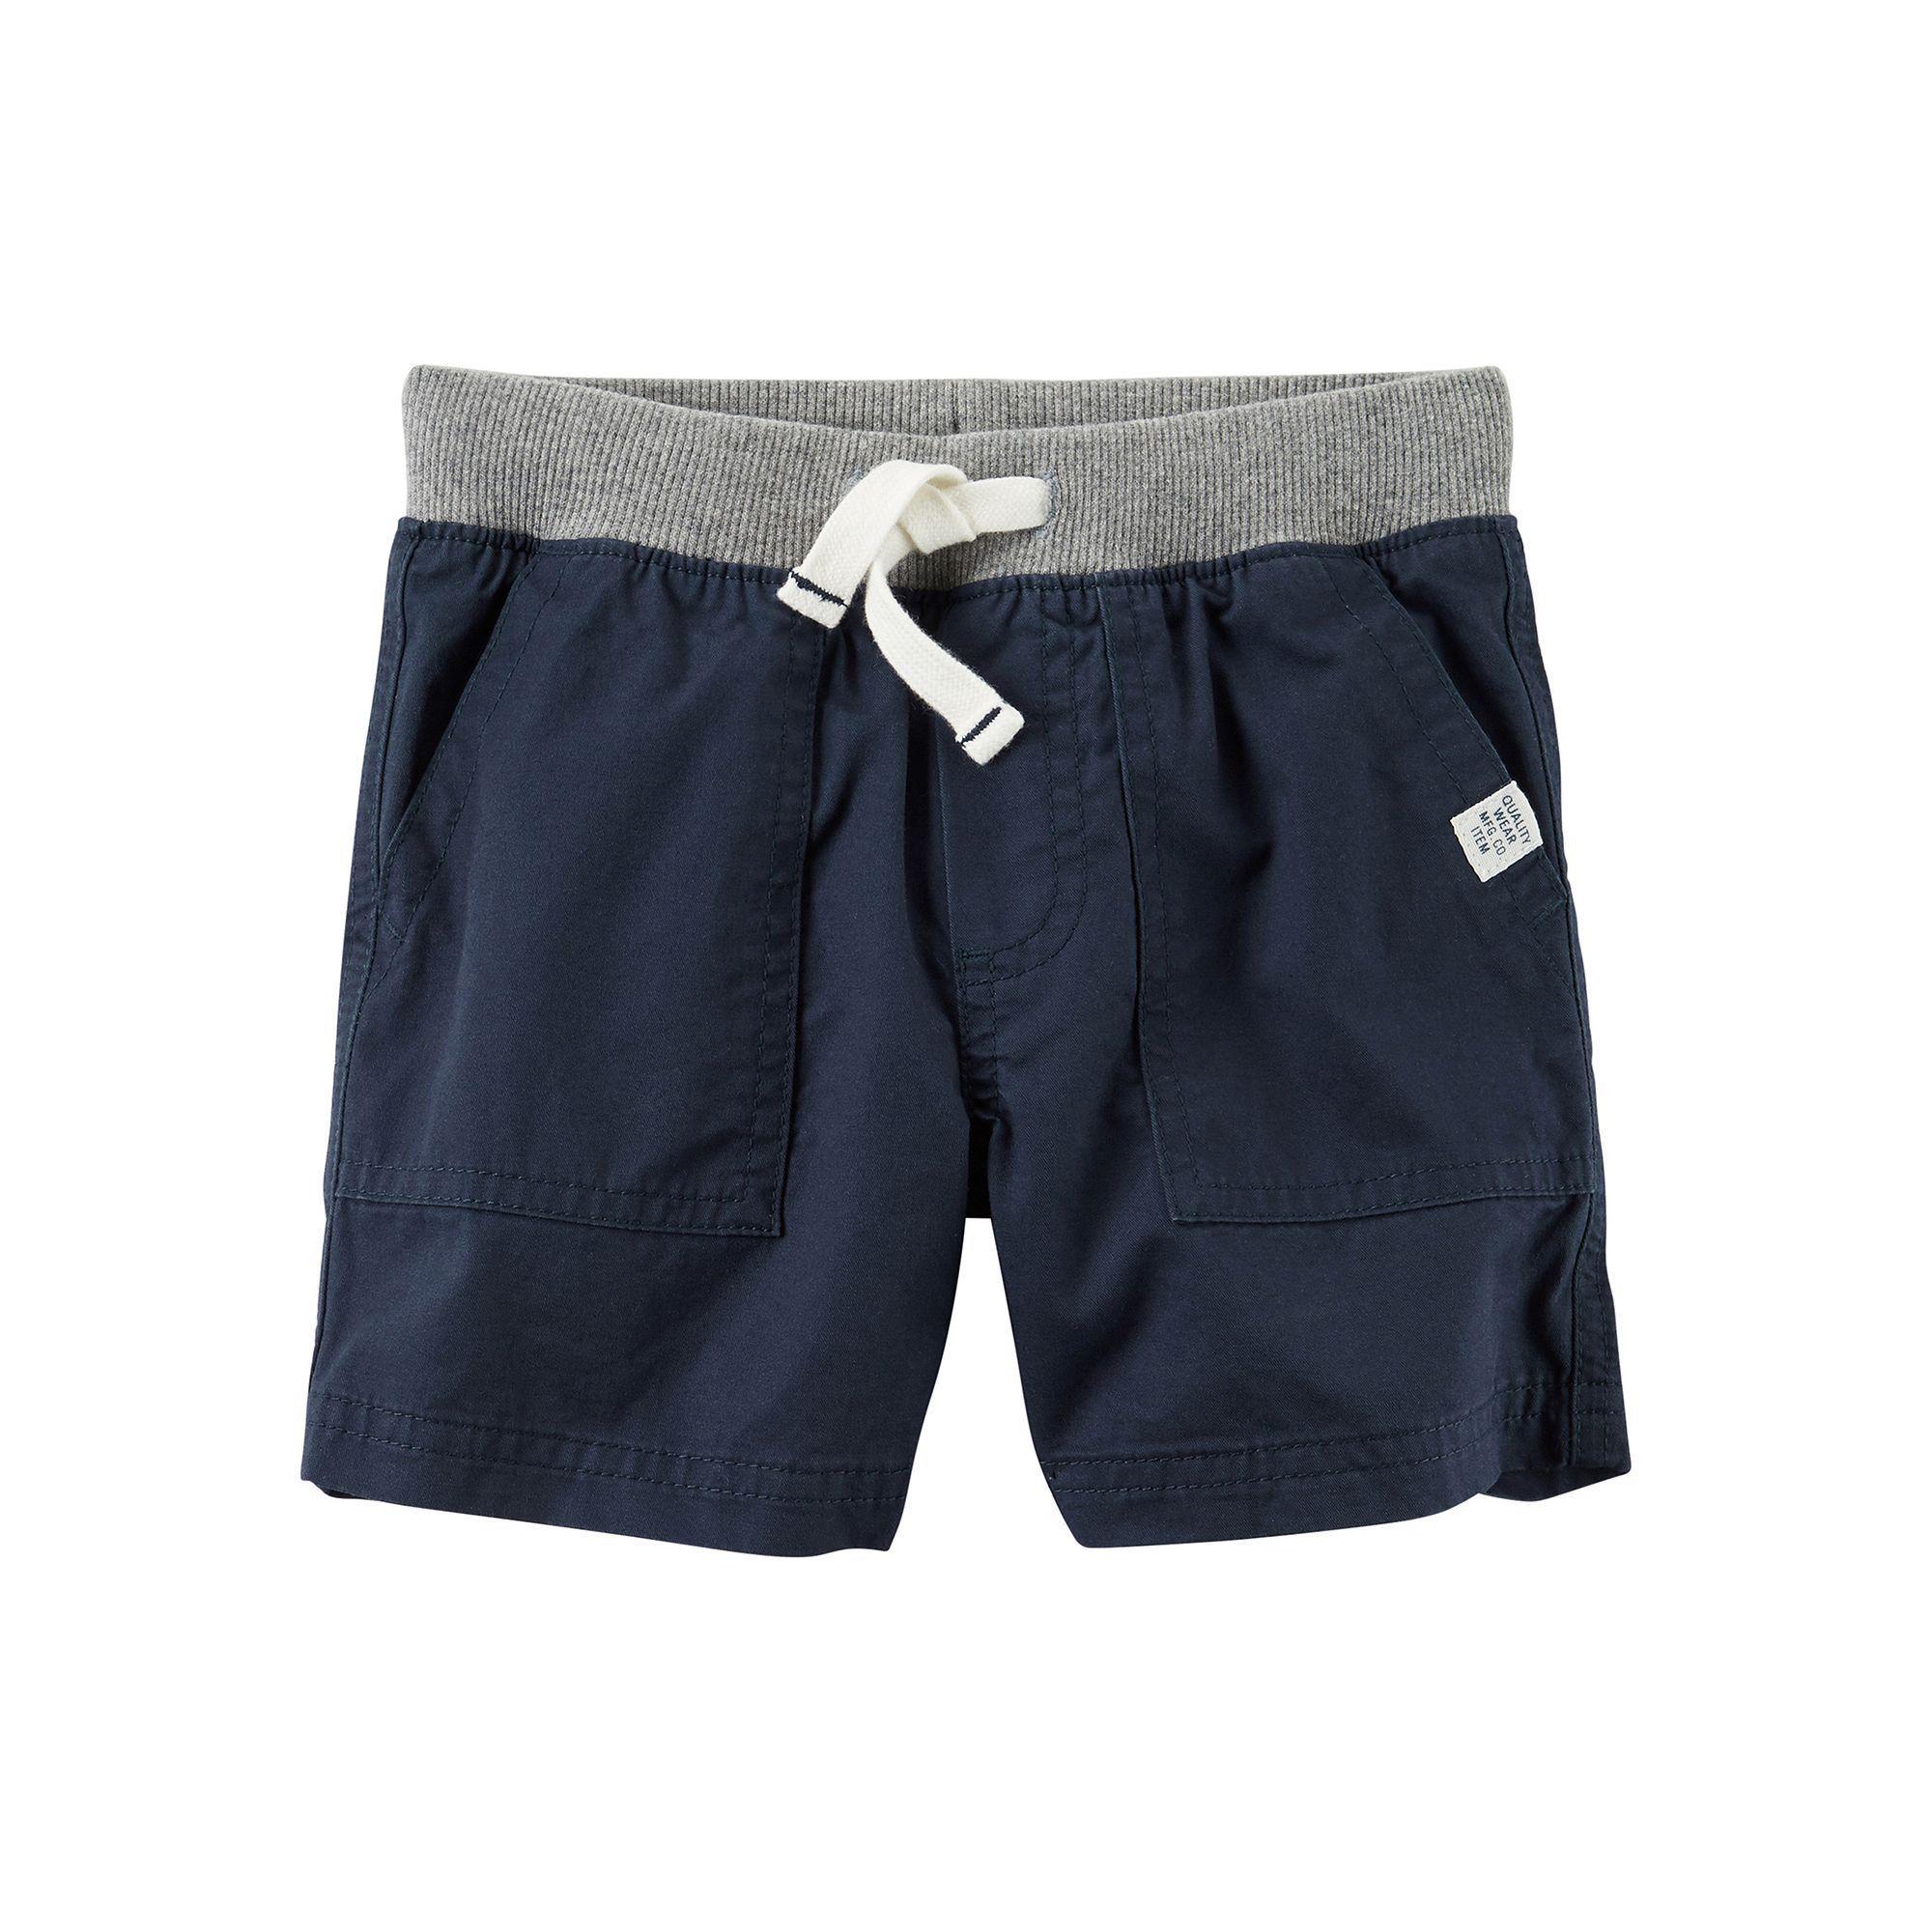 08210c4eb Toddler Boy Carter's Khaki Shorts | Products | Toddler leggings ...